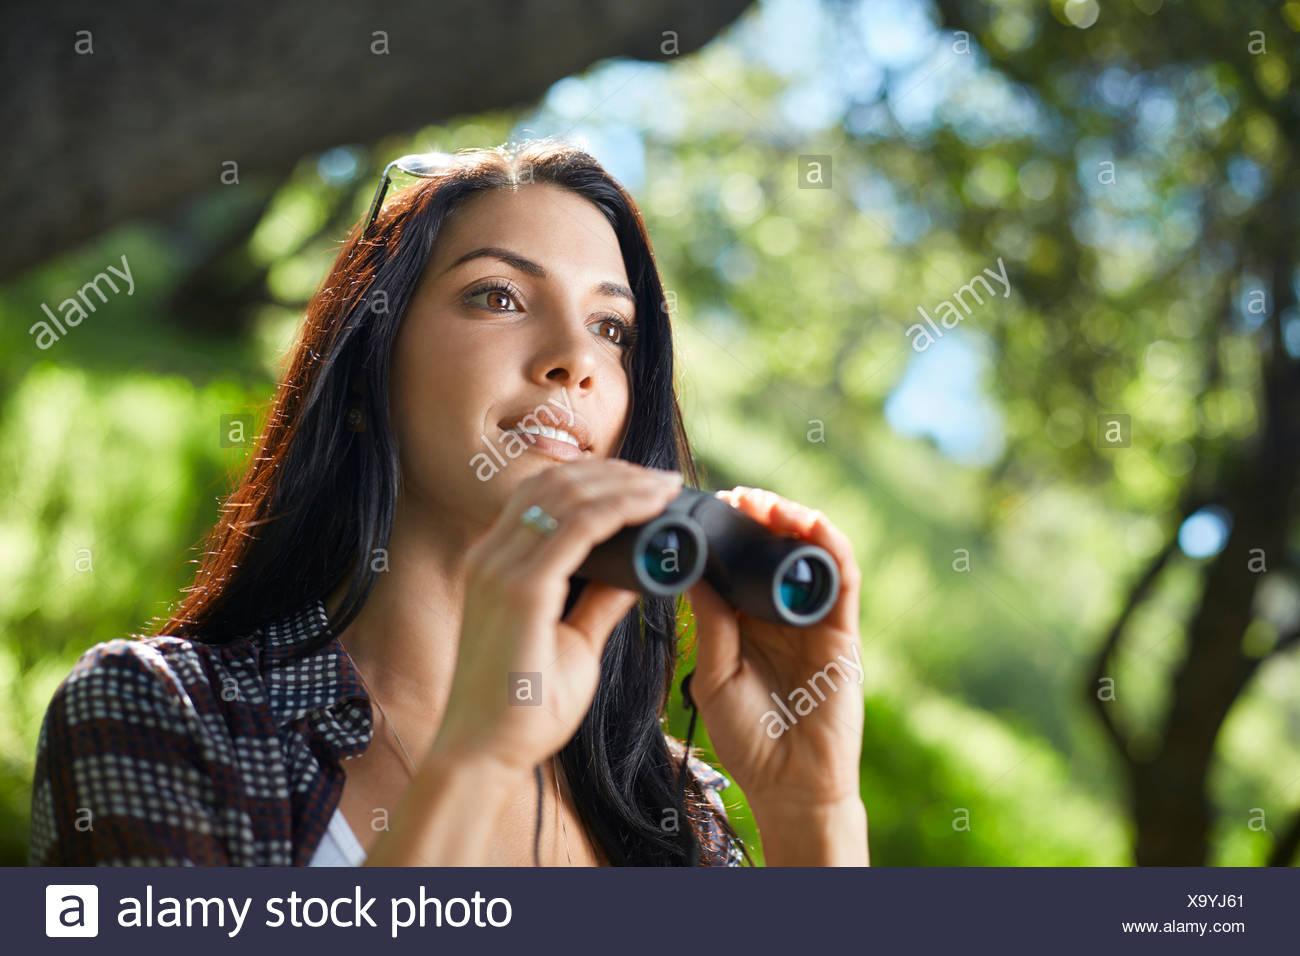 Mitte erwachsene frau mit fernglas vogelbeobachtung im wald